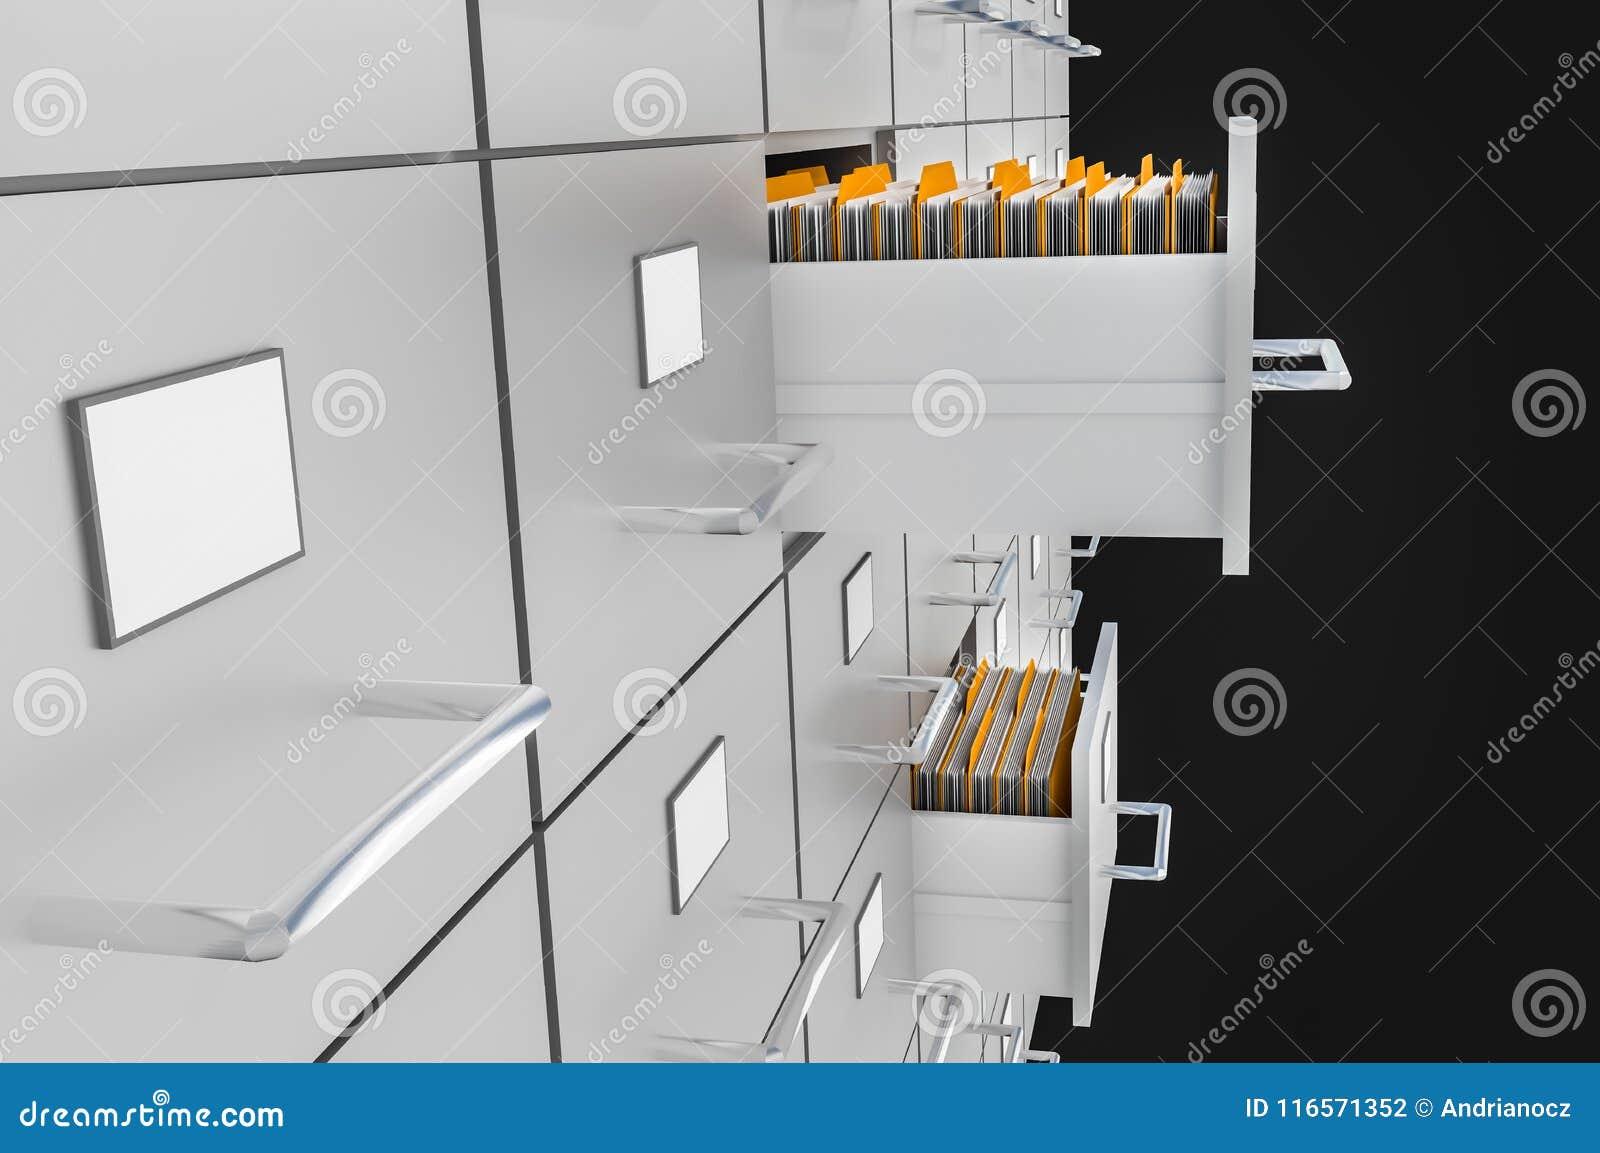 Cabinetes de archivo con los cajones abiertos - concepto de la administración